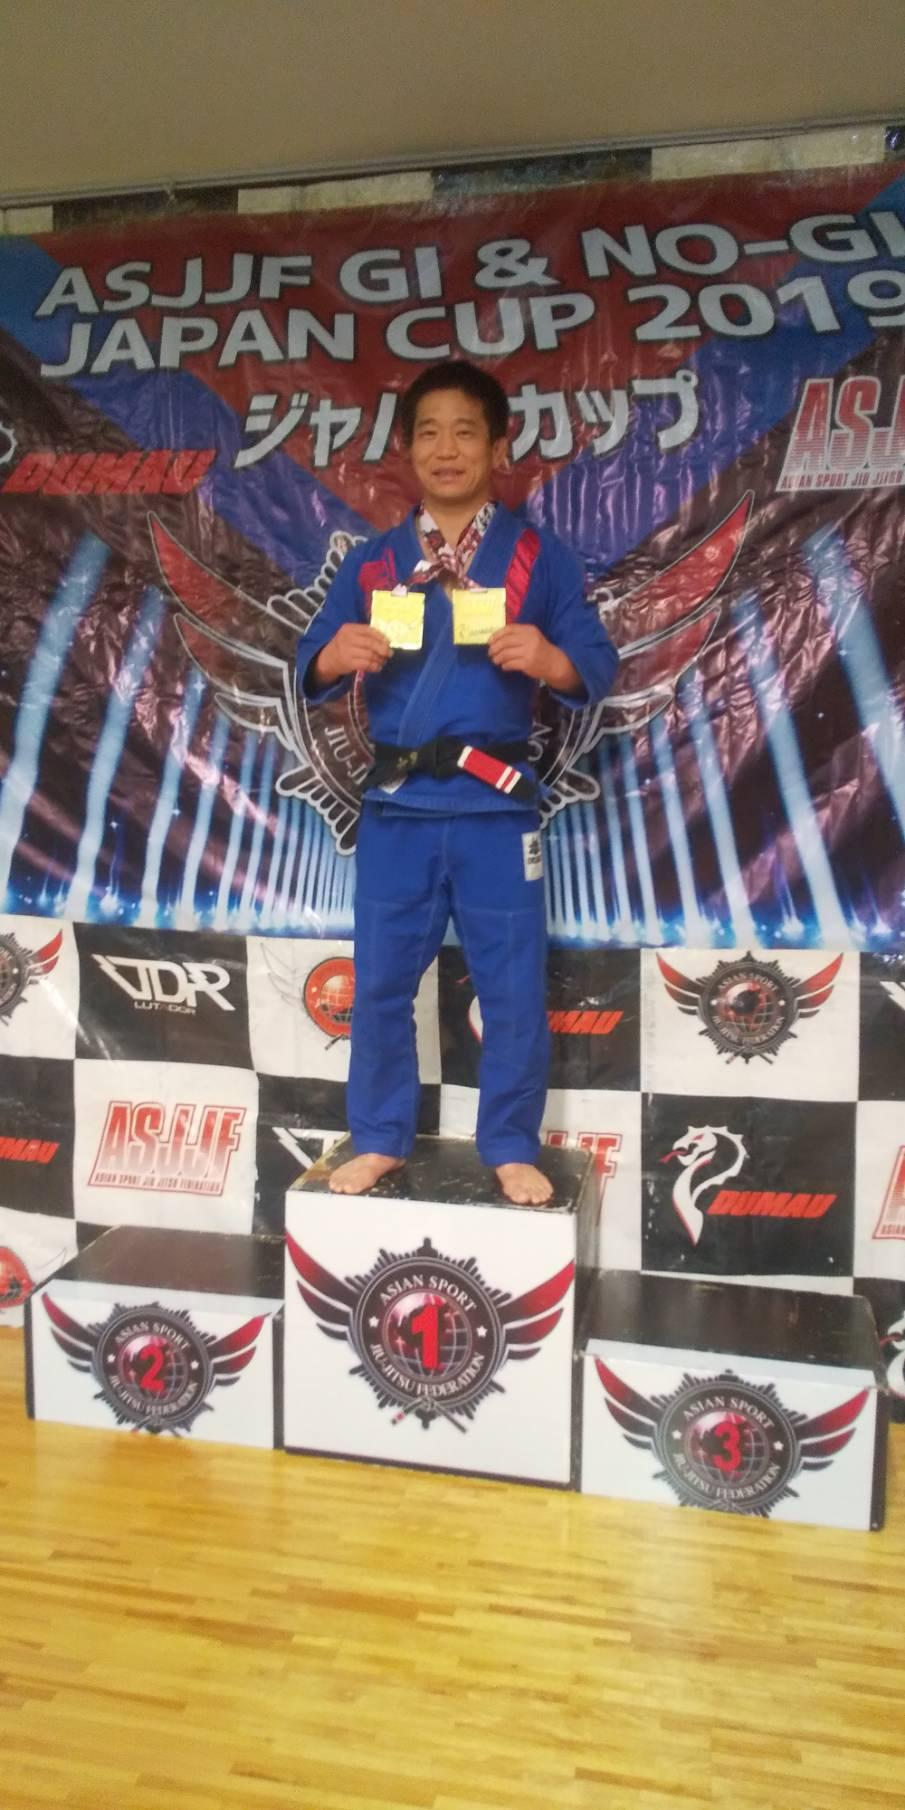 ASJJF JAPAN CUP 2019|大会写真04